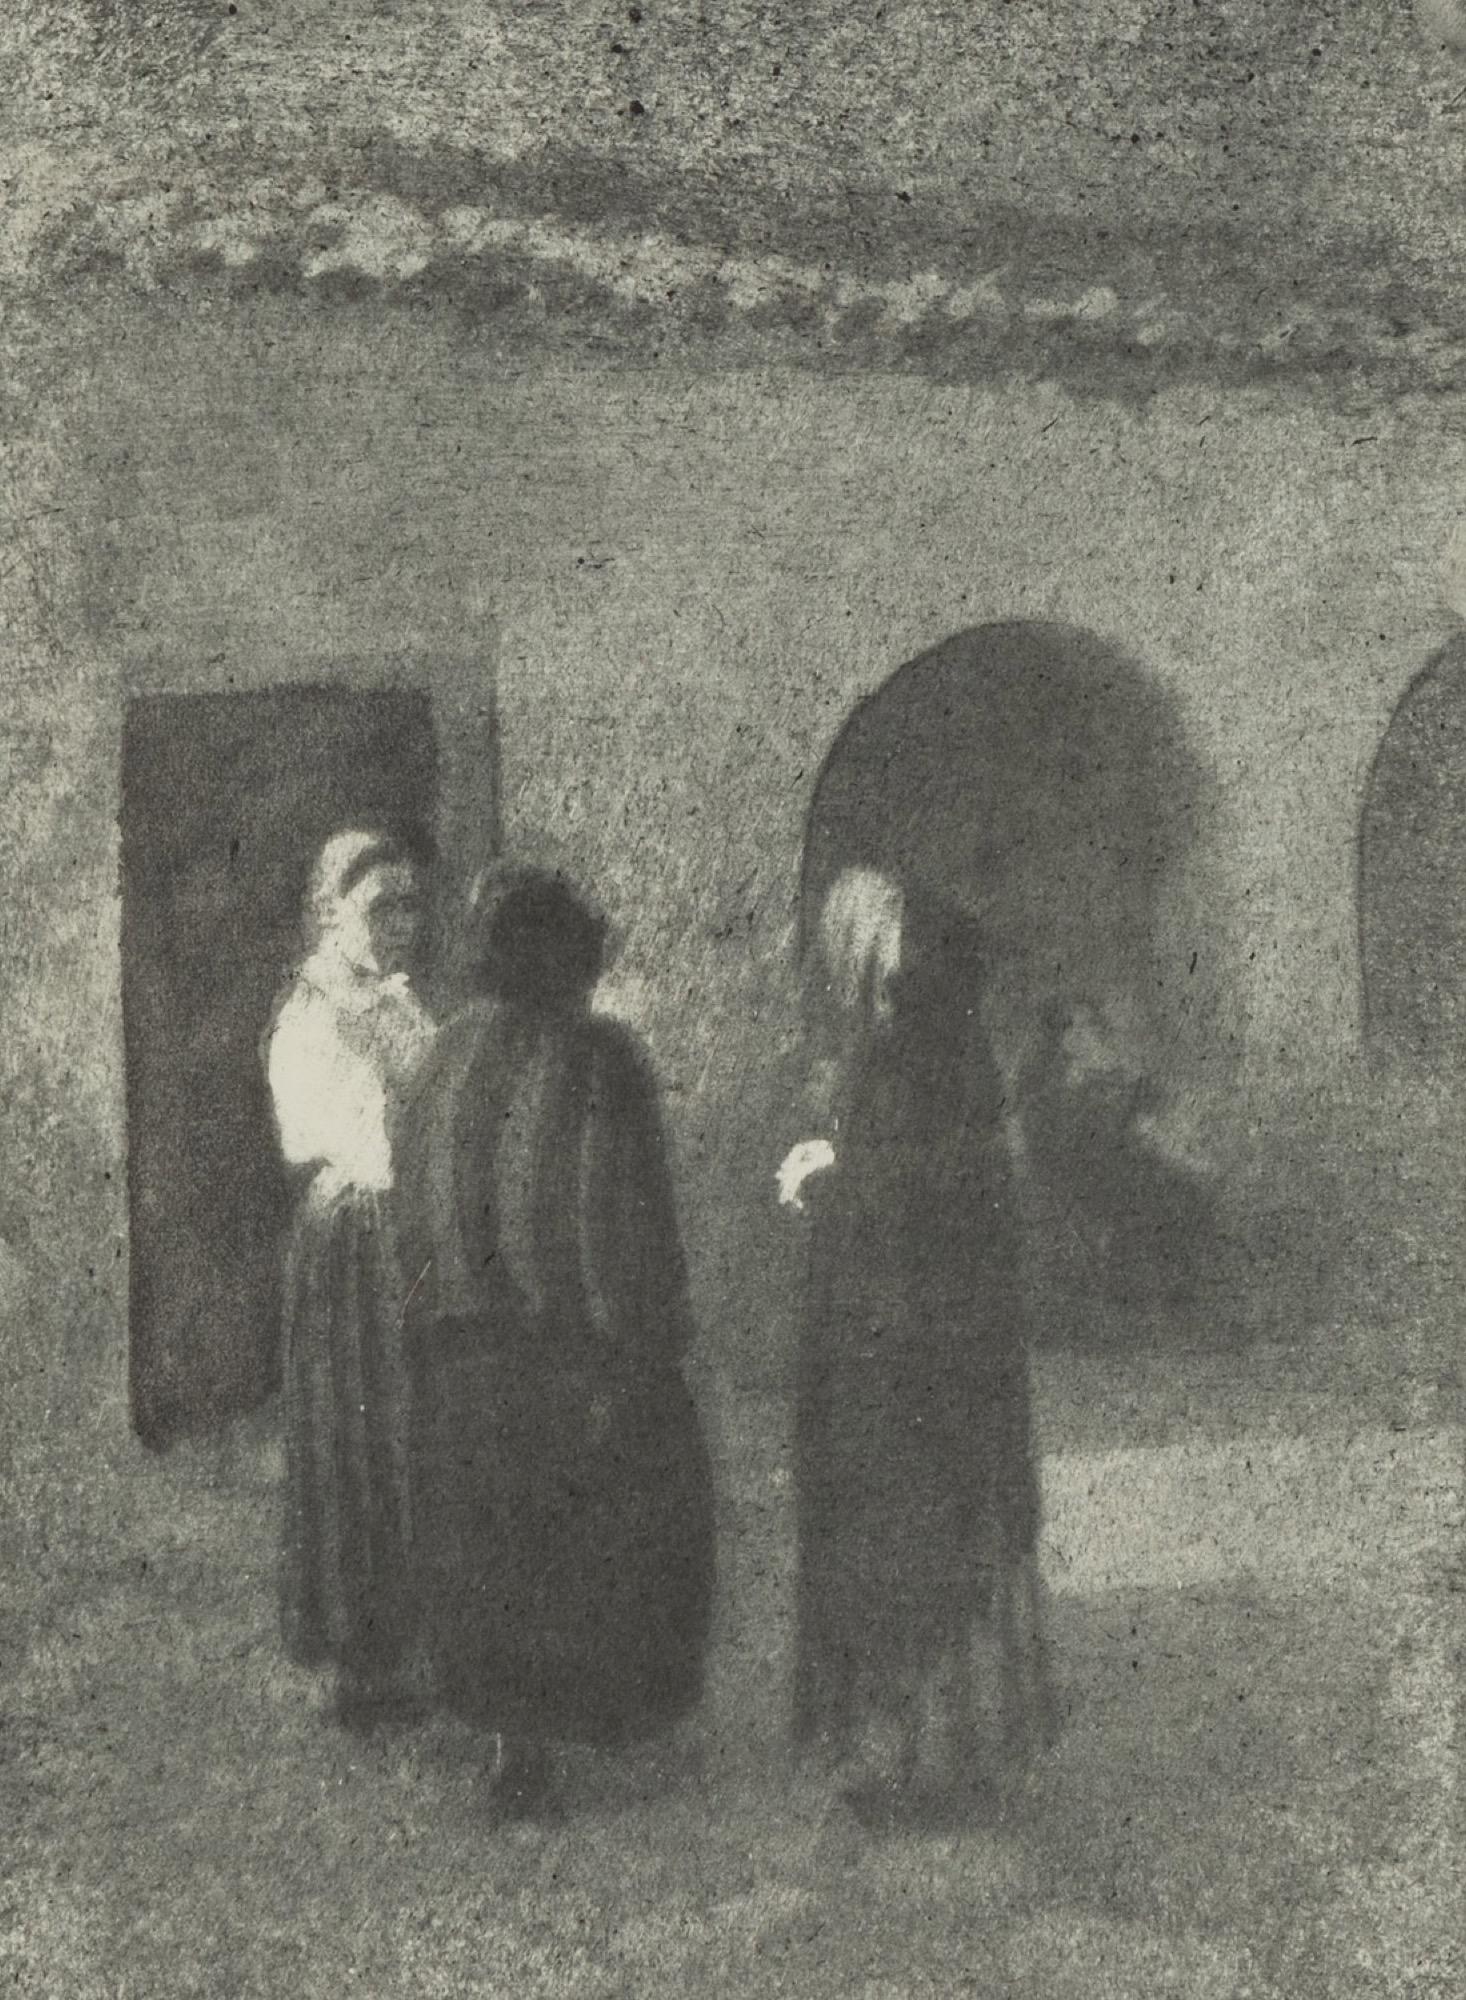 Domenico Riccardo Peretti Griva (1882-1962) - Quattro chiacchiere a Forni, years [...]